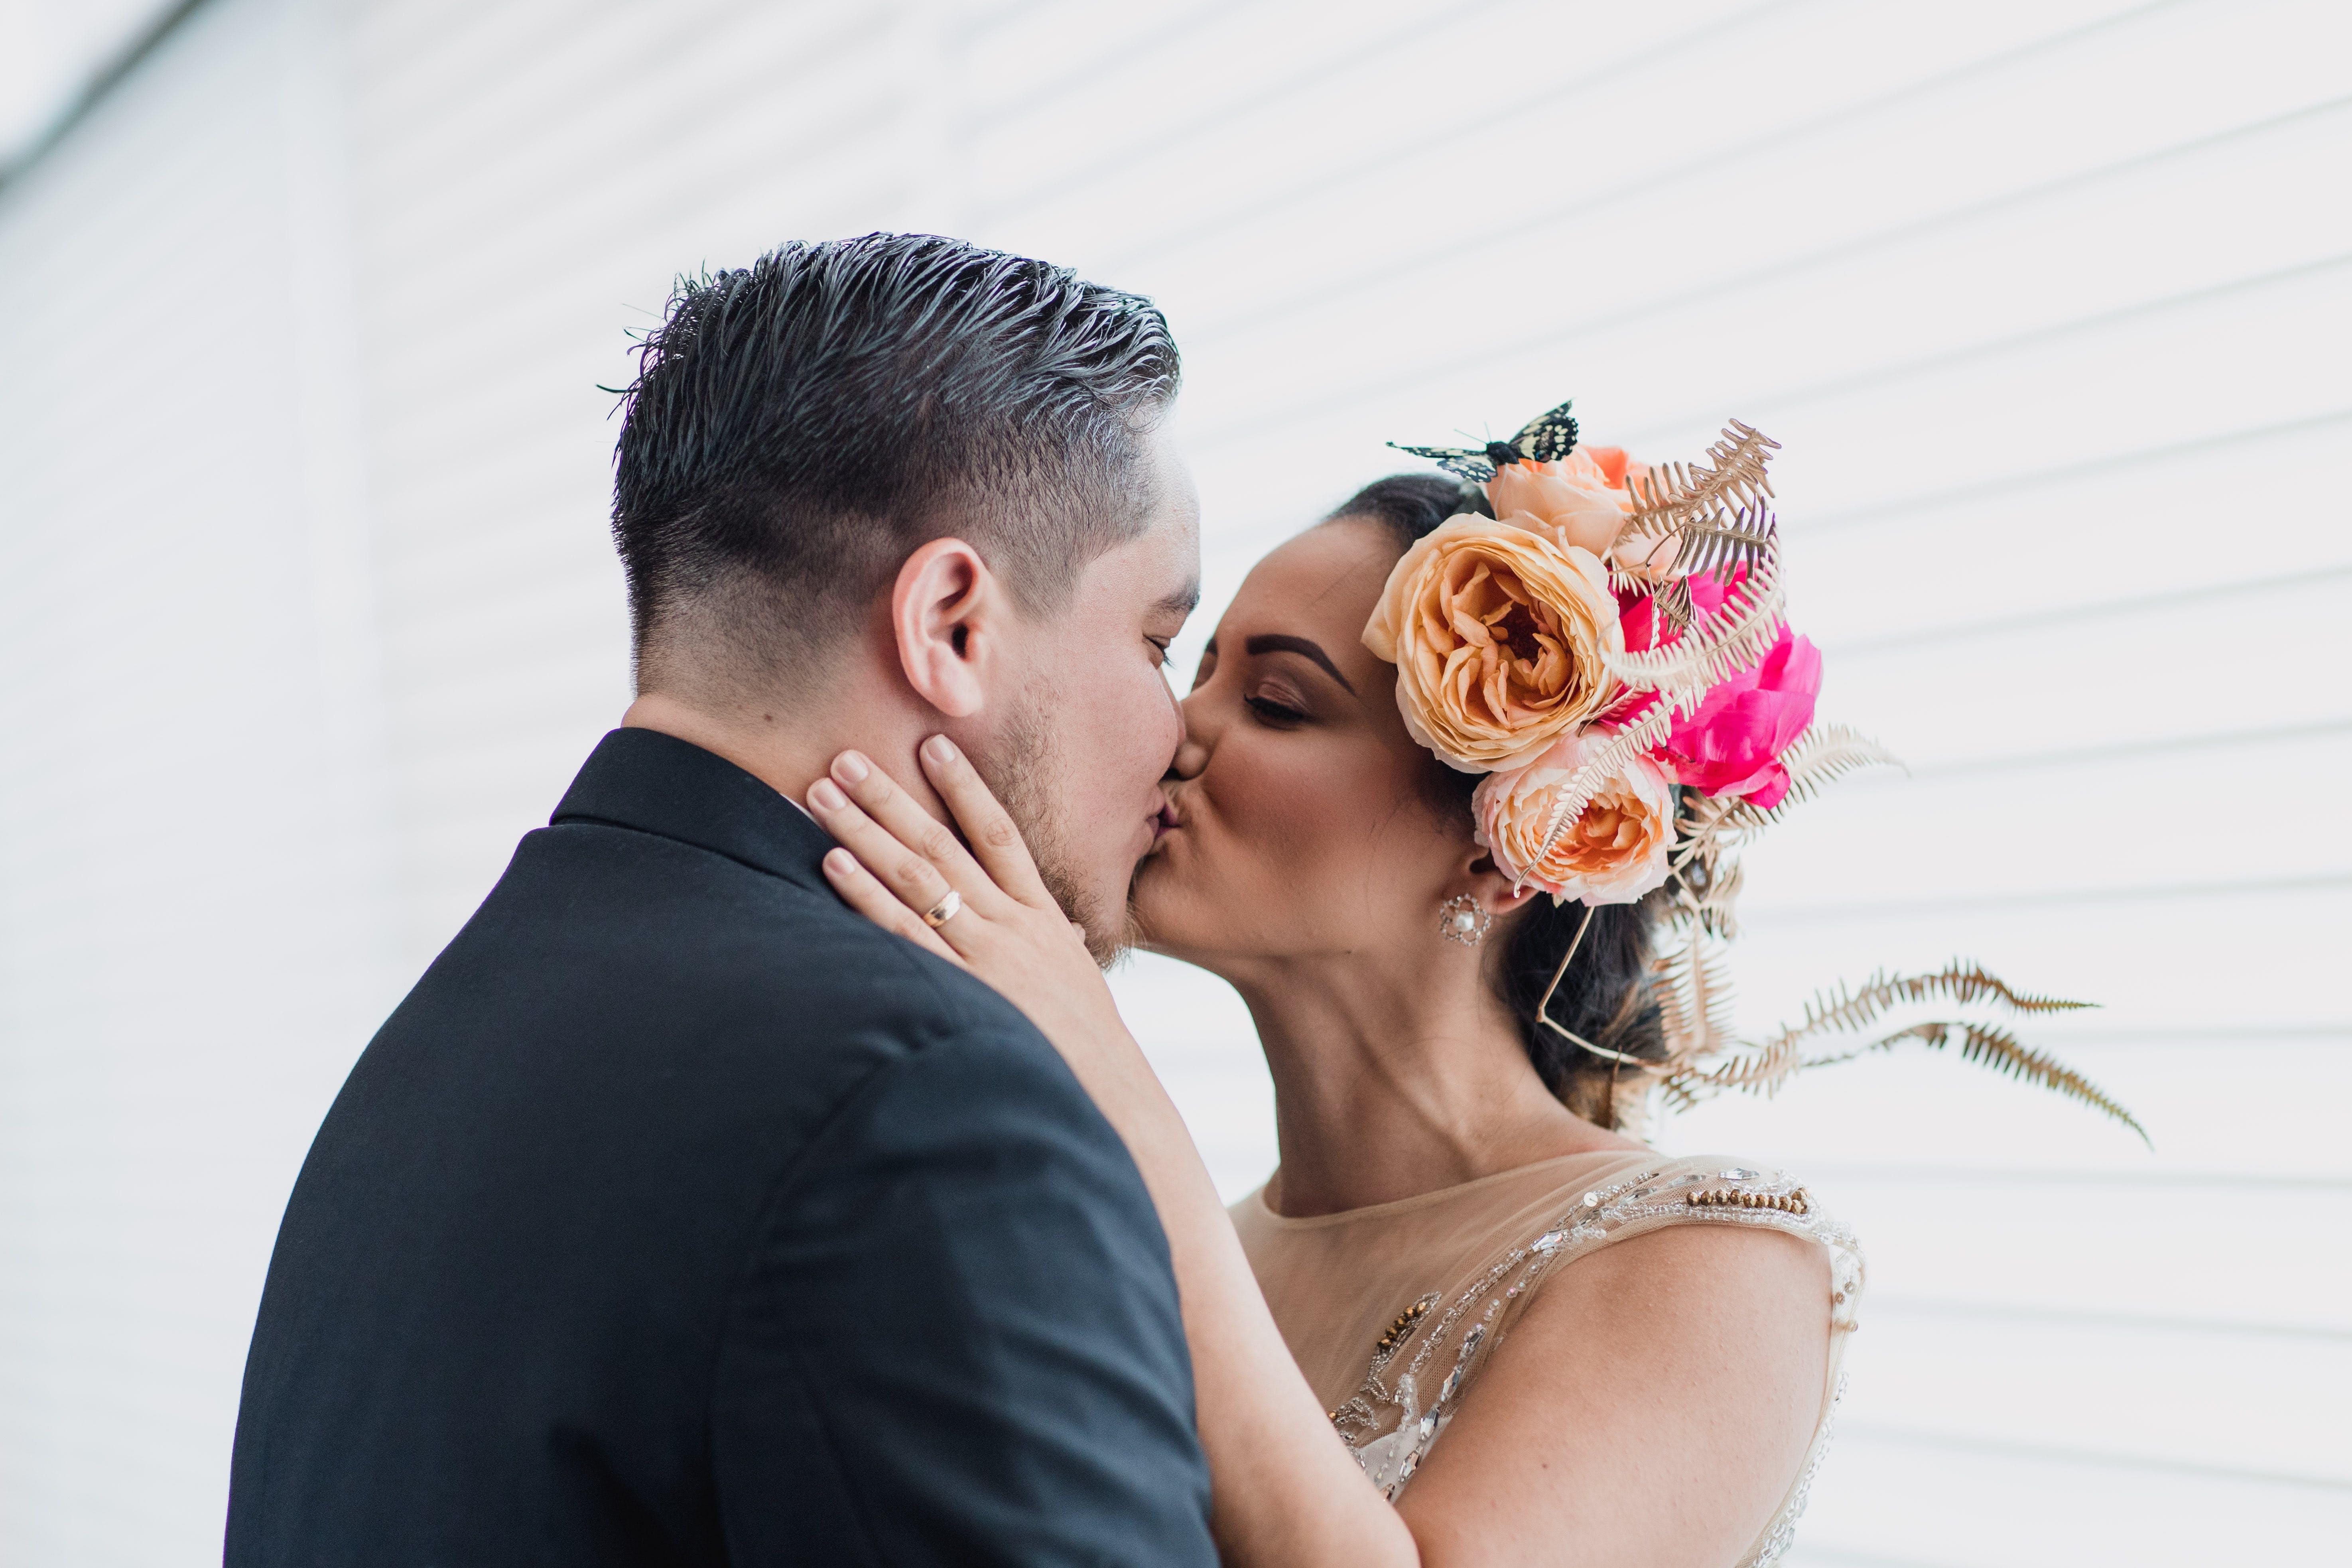 Fotos de stock gratuitas de adulto, amor, belleza, besando